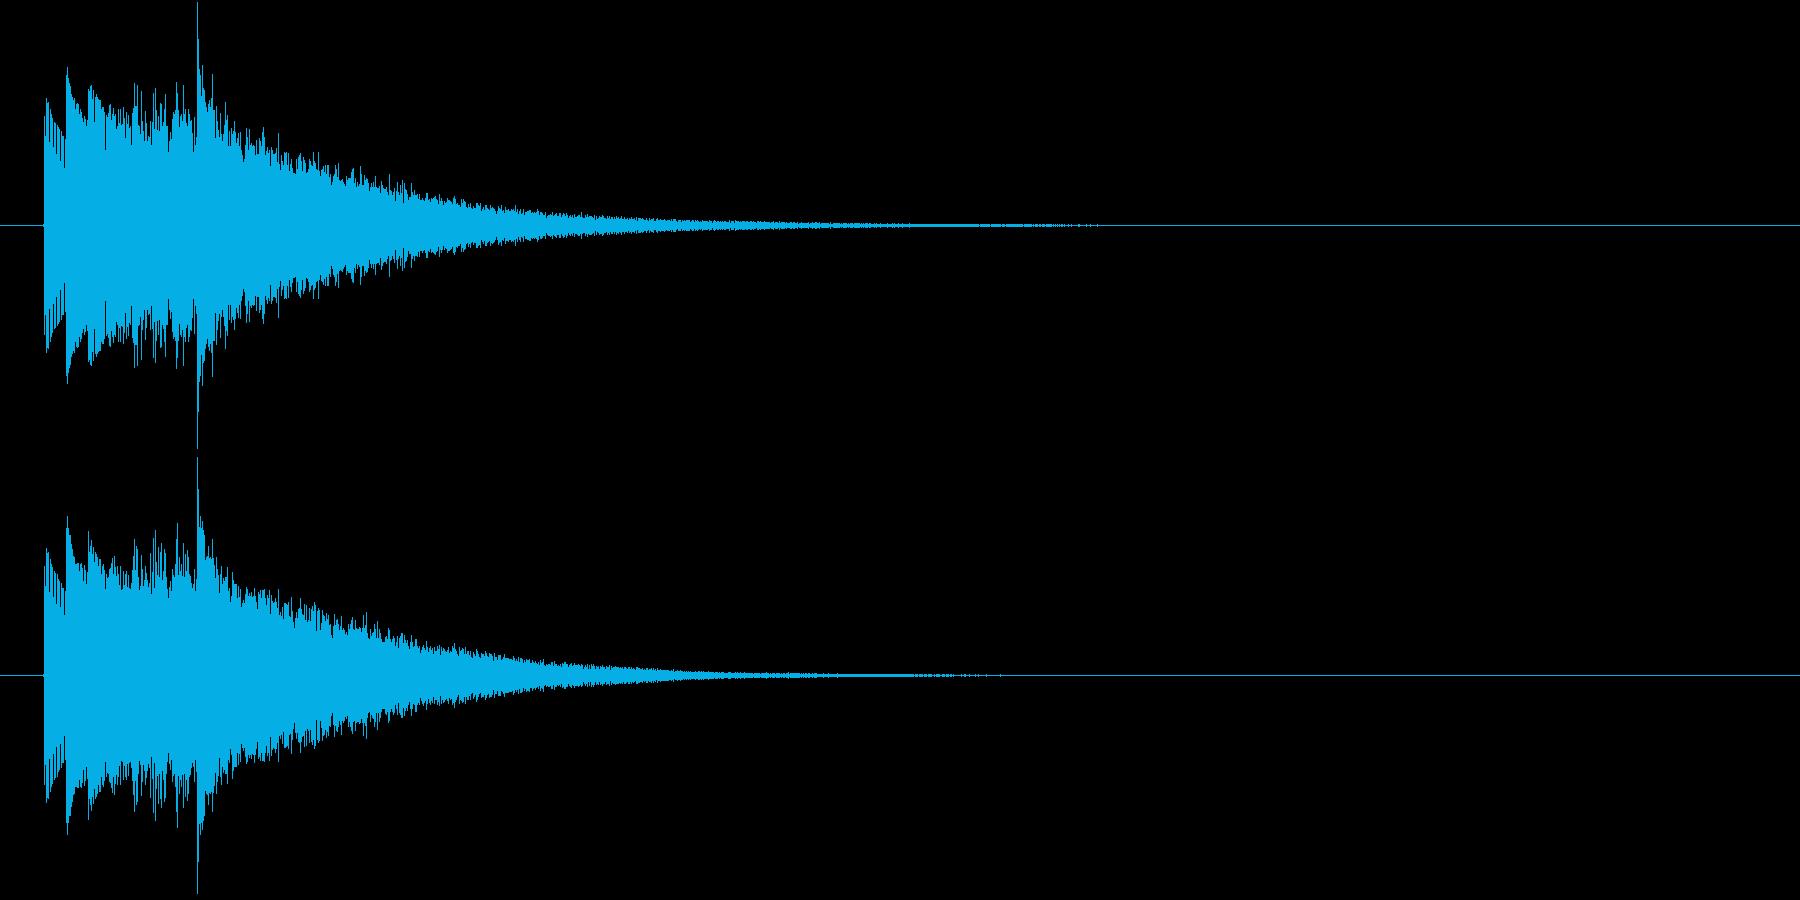 ハープシコード音、不正解時などのSEの再生済みの波形